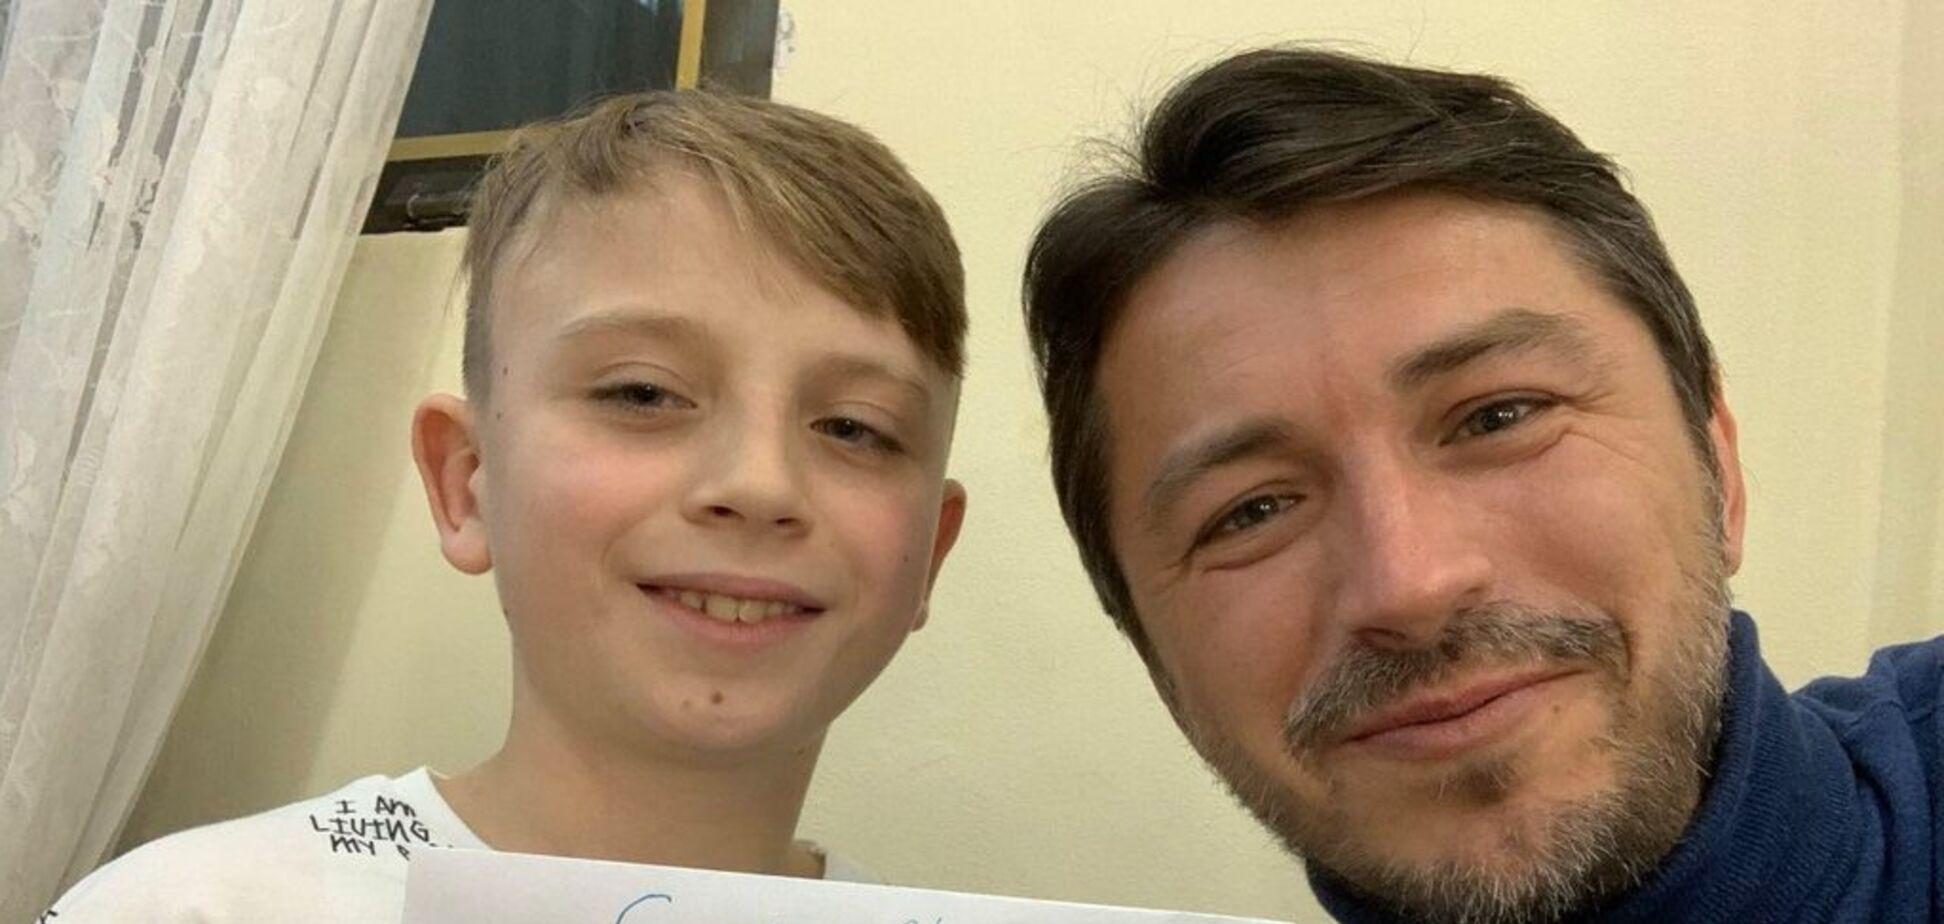 'Хочеться плакати': Притула поділився зворушливою історією про Донбас